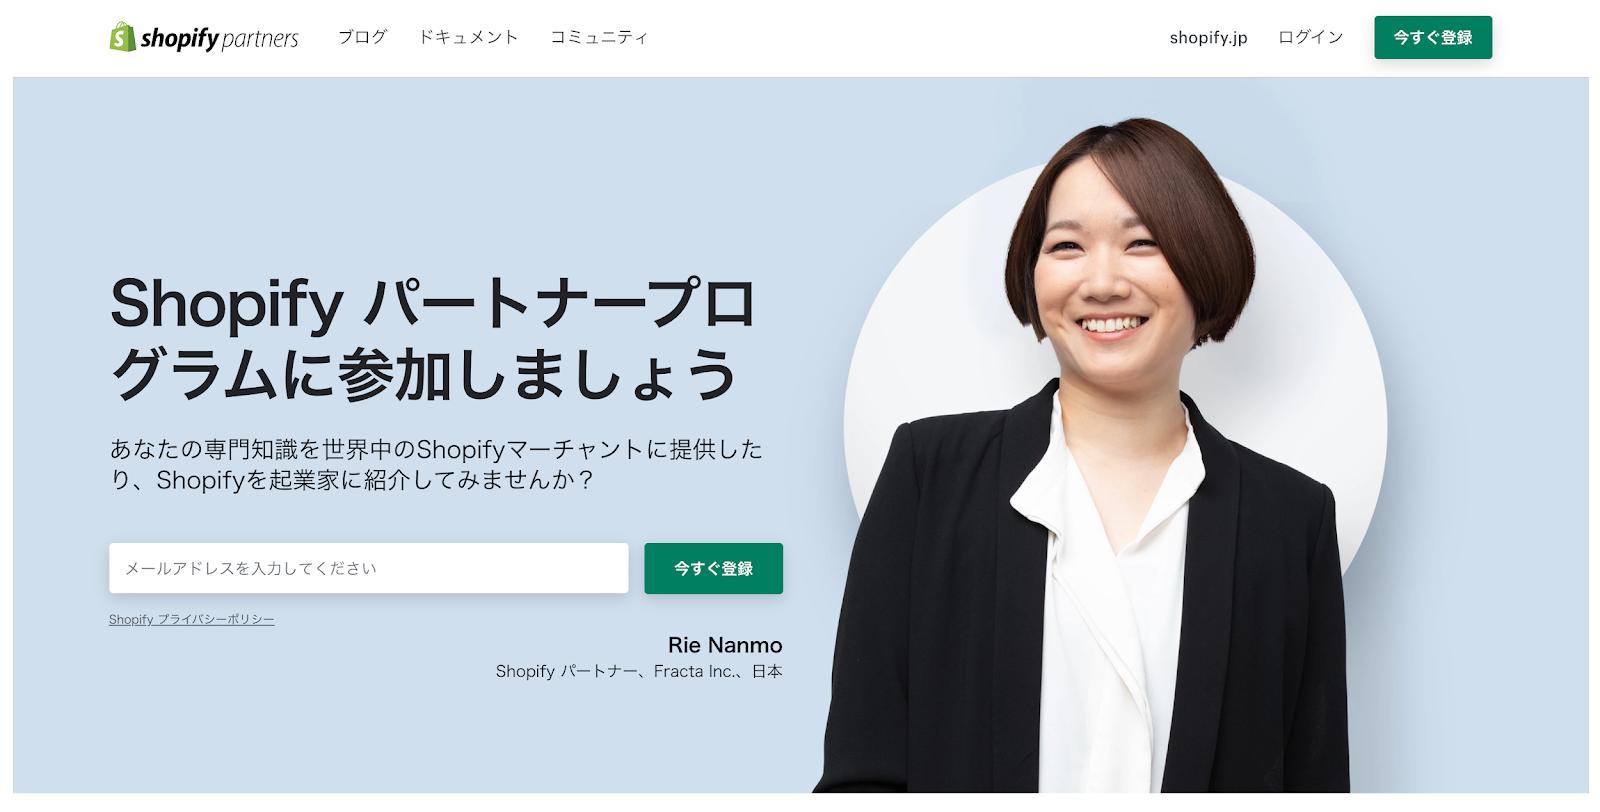 Shopifyパートナー公式ページ